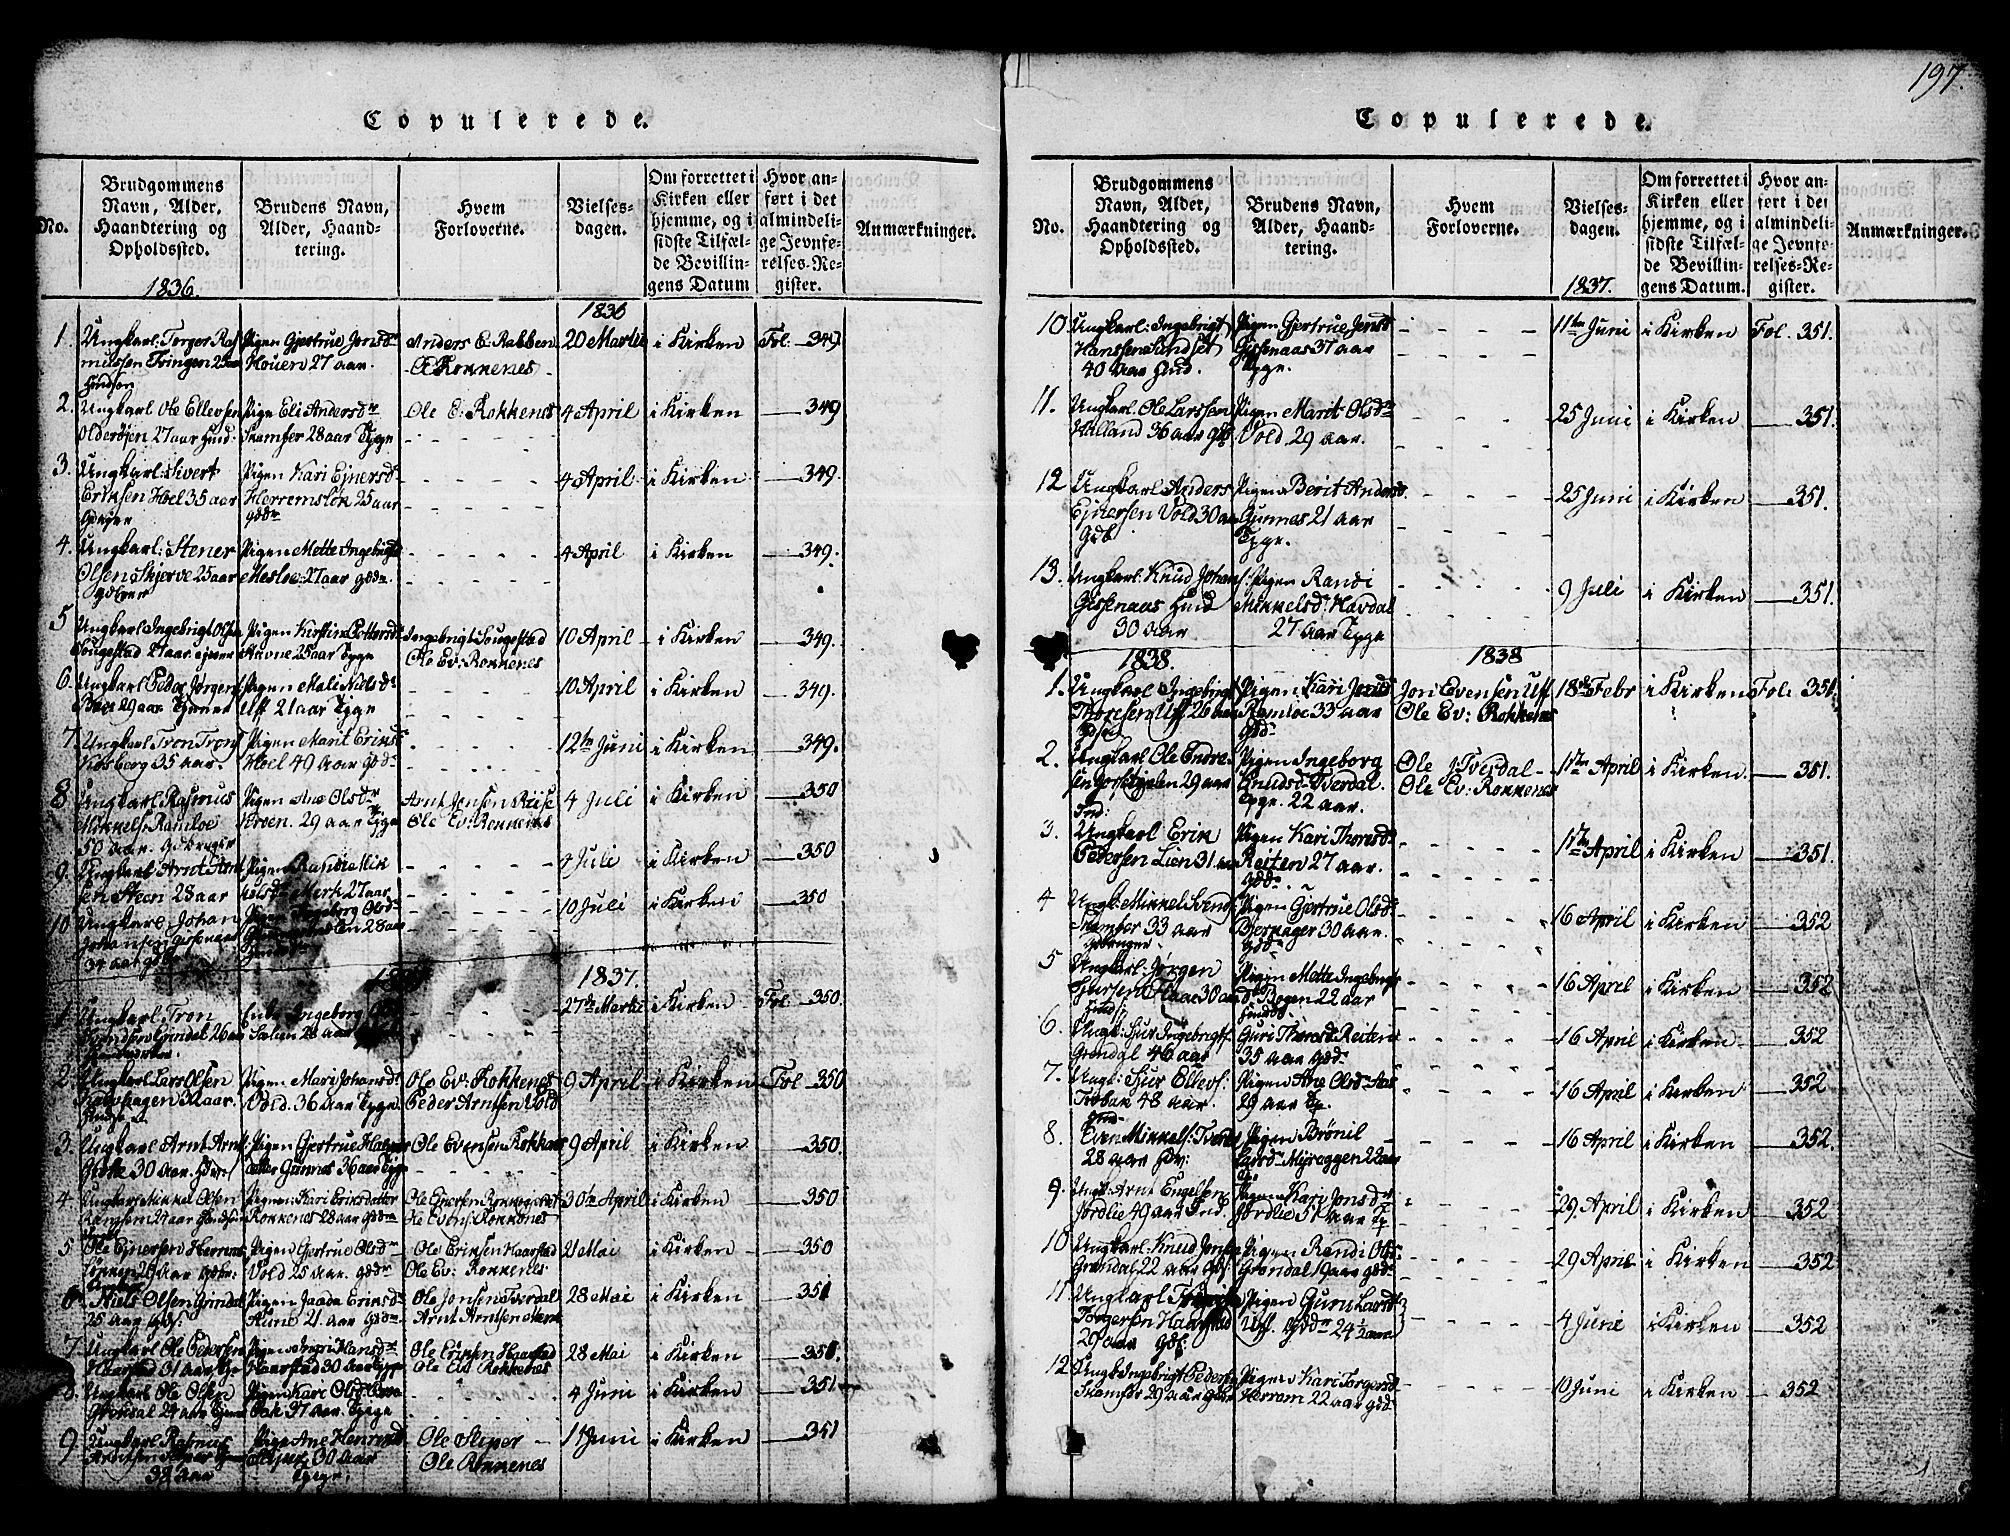 SAT, Ministerialprotokoller, klokkerbøker og fødselsregistre - Sør-Trøndelag, 674/L0874: Klokkerbok nr. 674C01, 1816-1860, s. 197